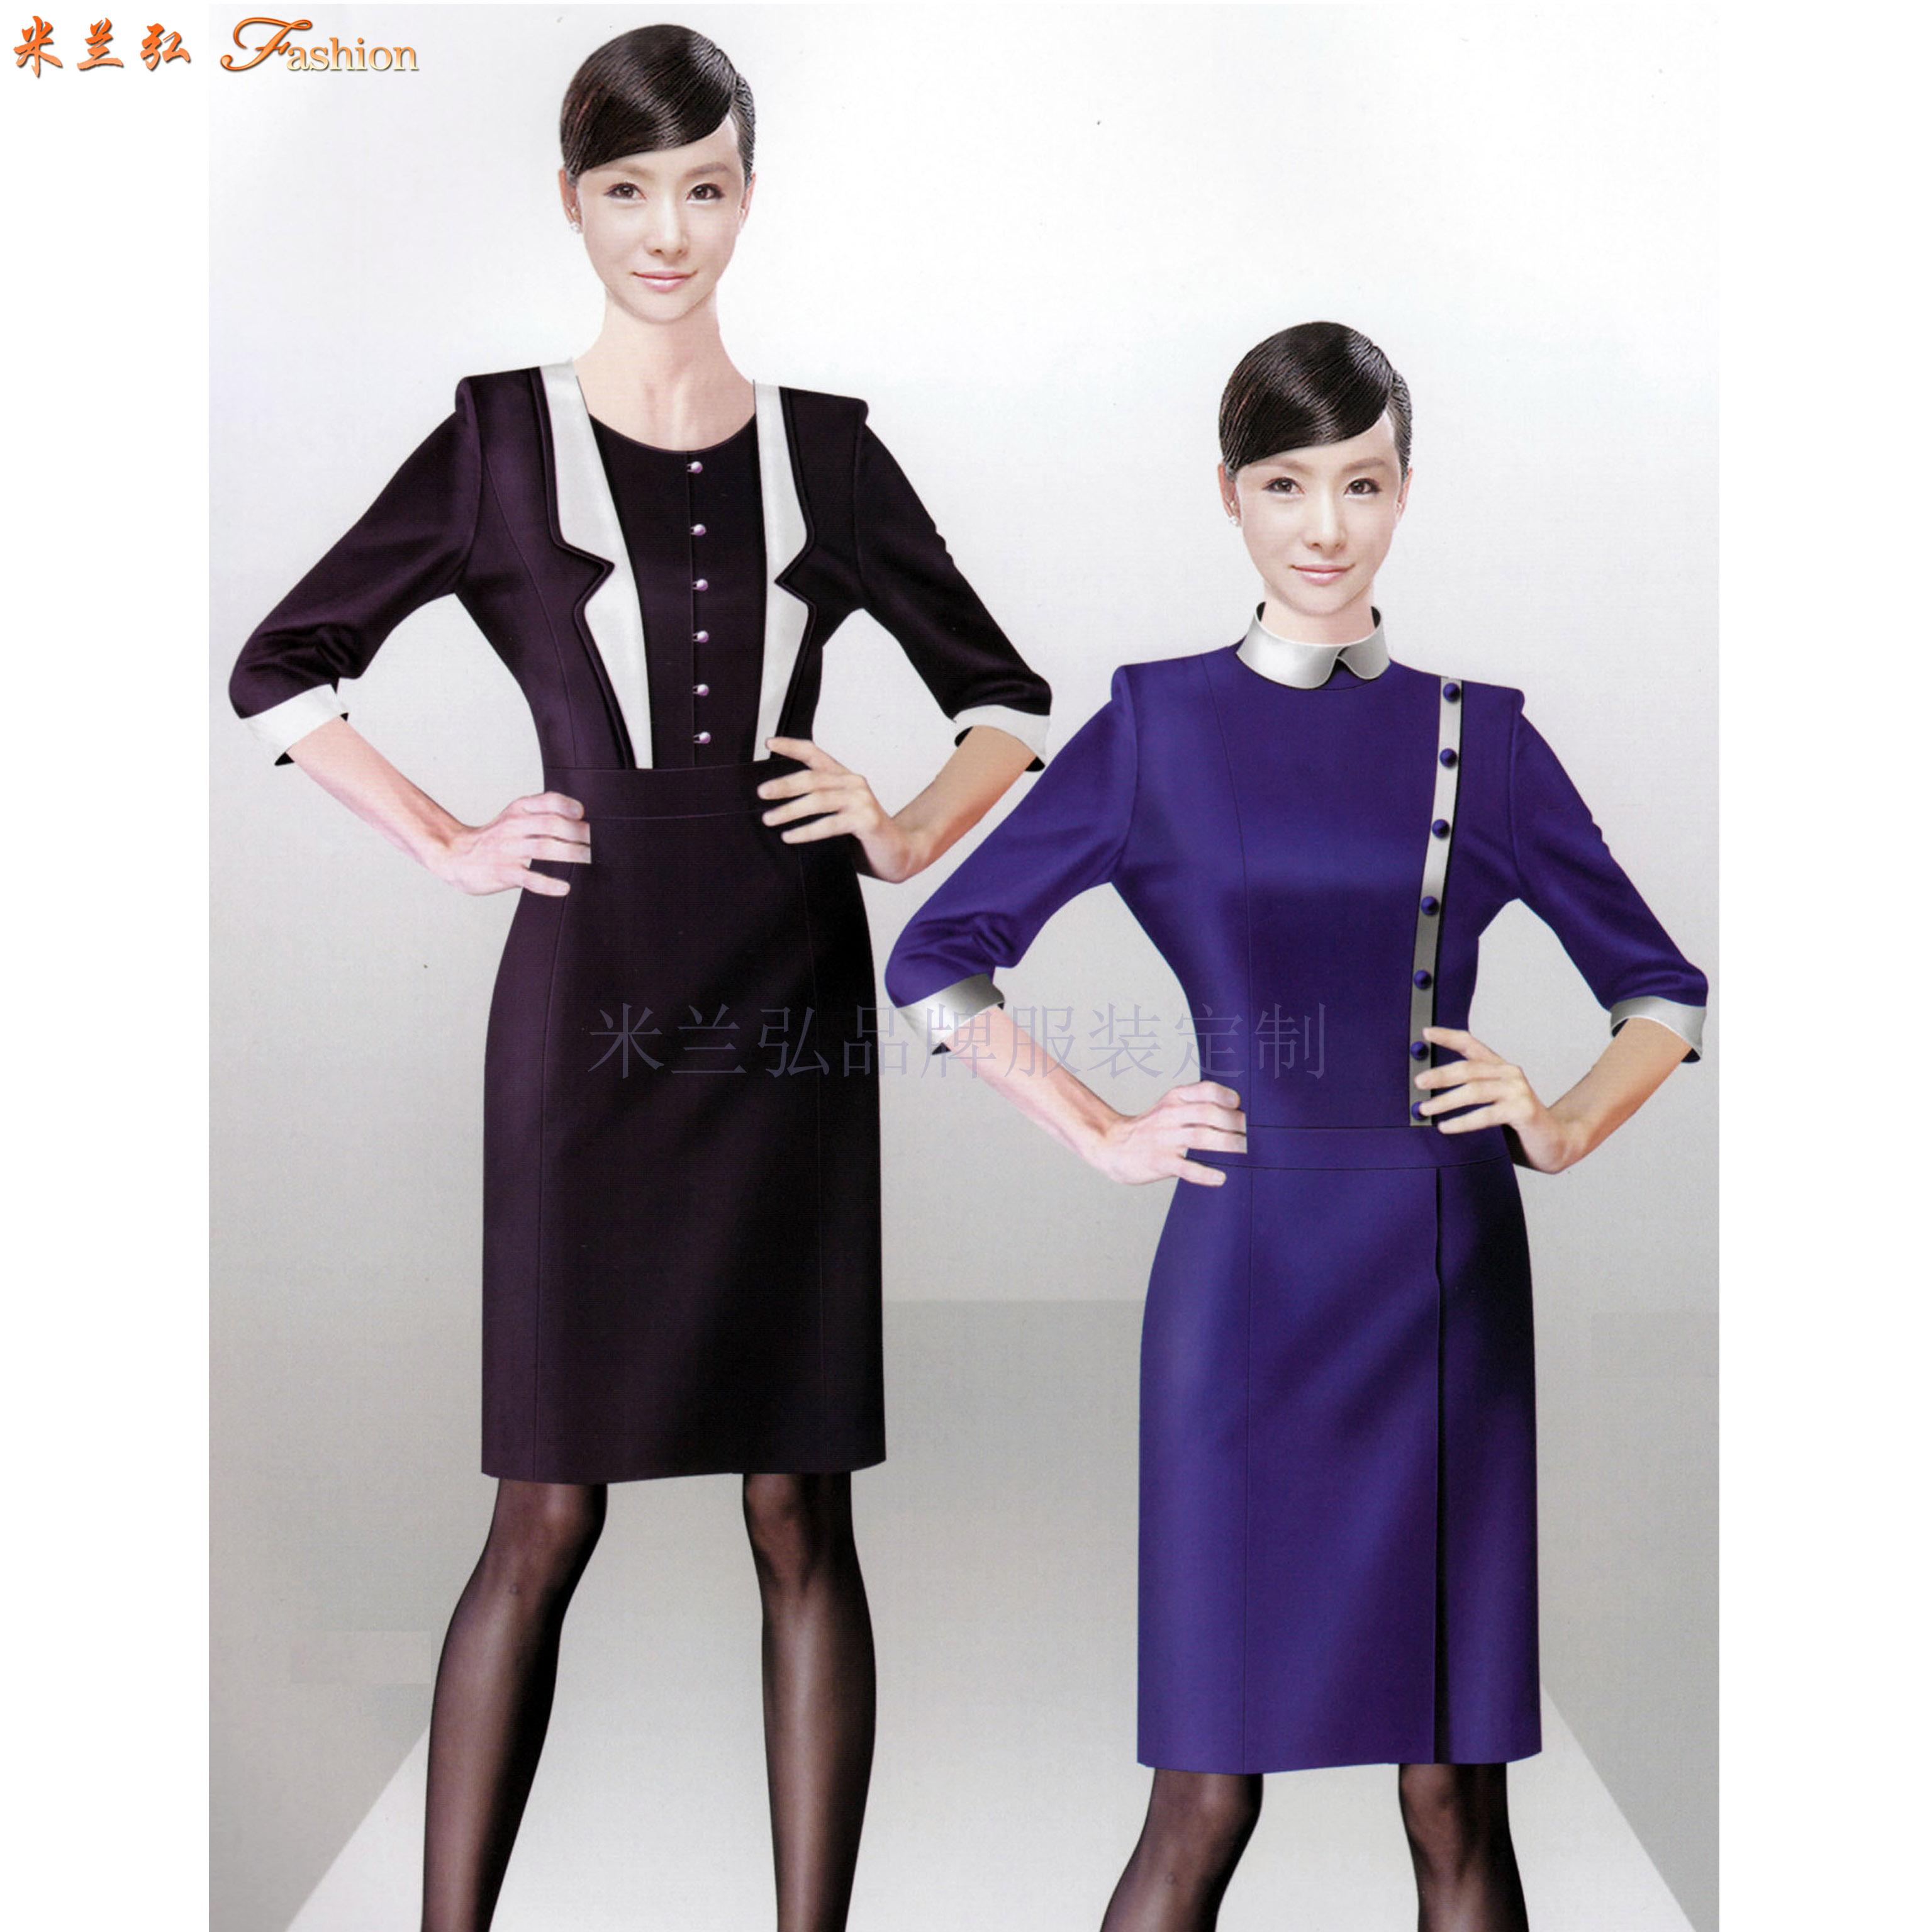 「職業裝連衣裙定制」「職業裝連衣裙訂制」-米蘭弘服裝-1